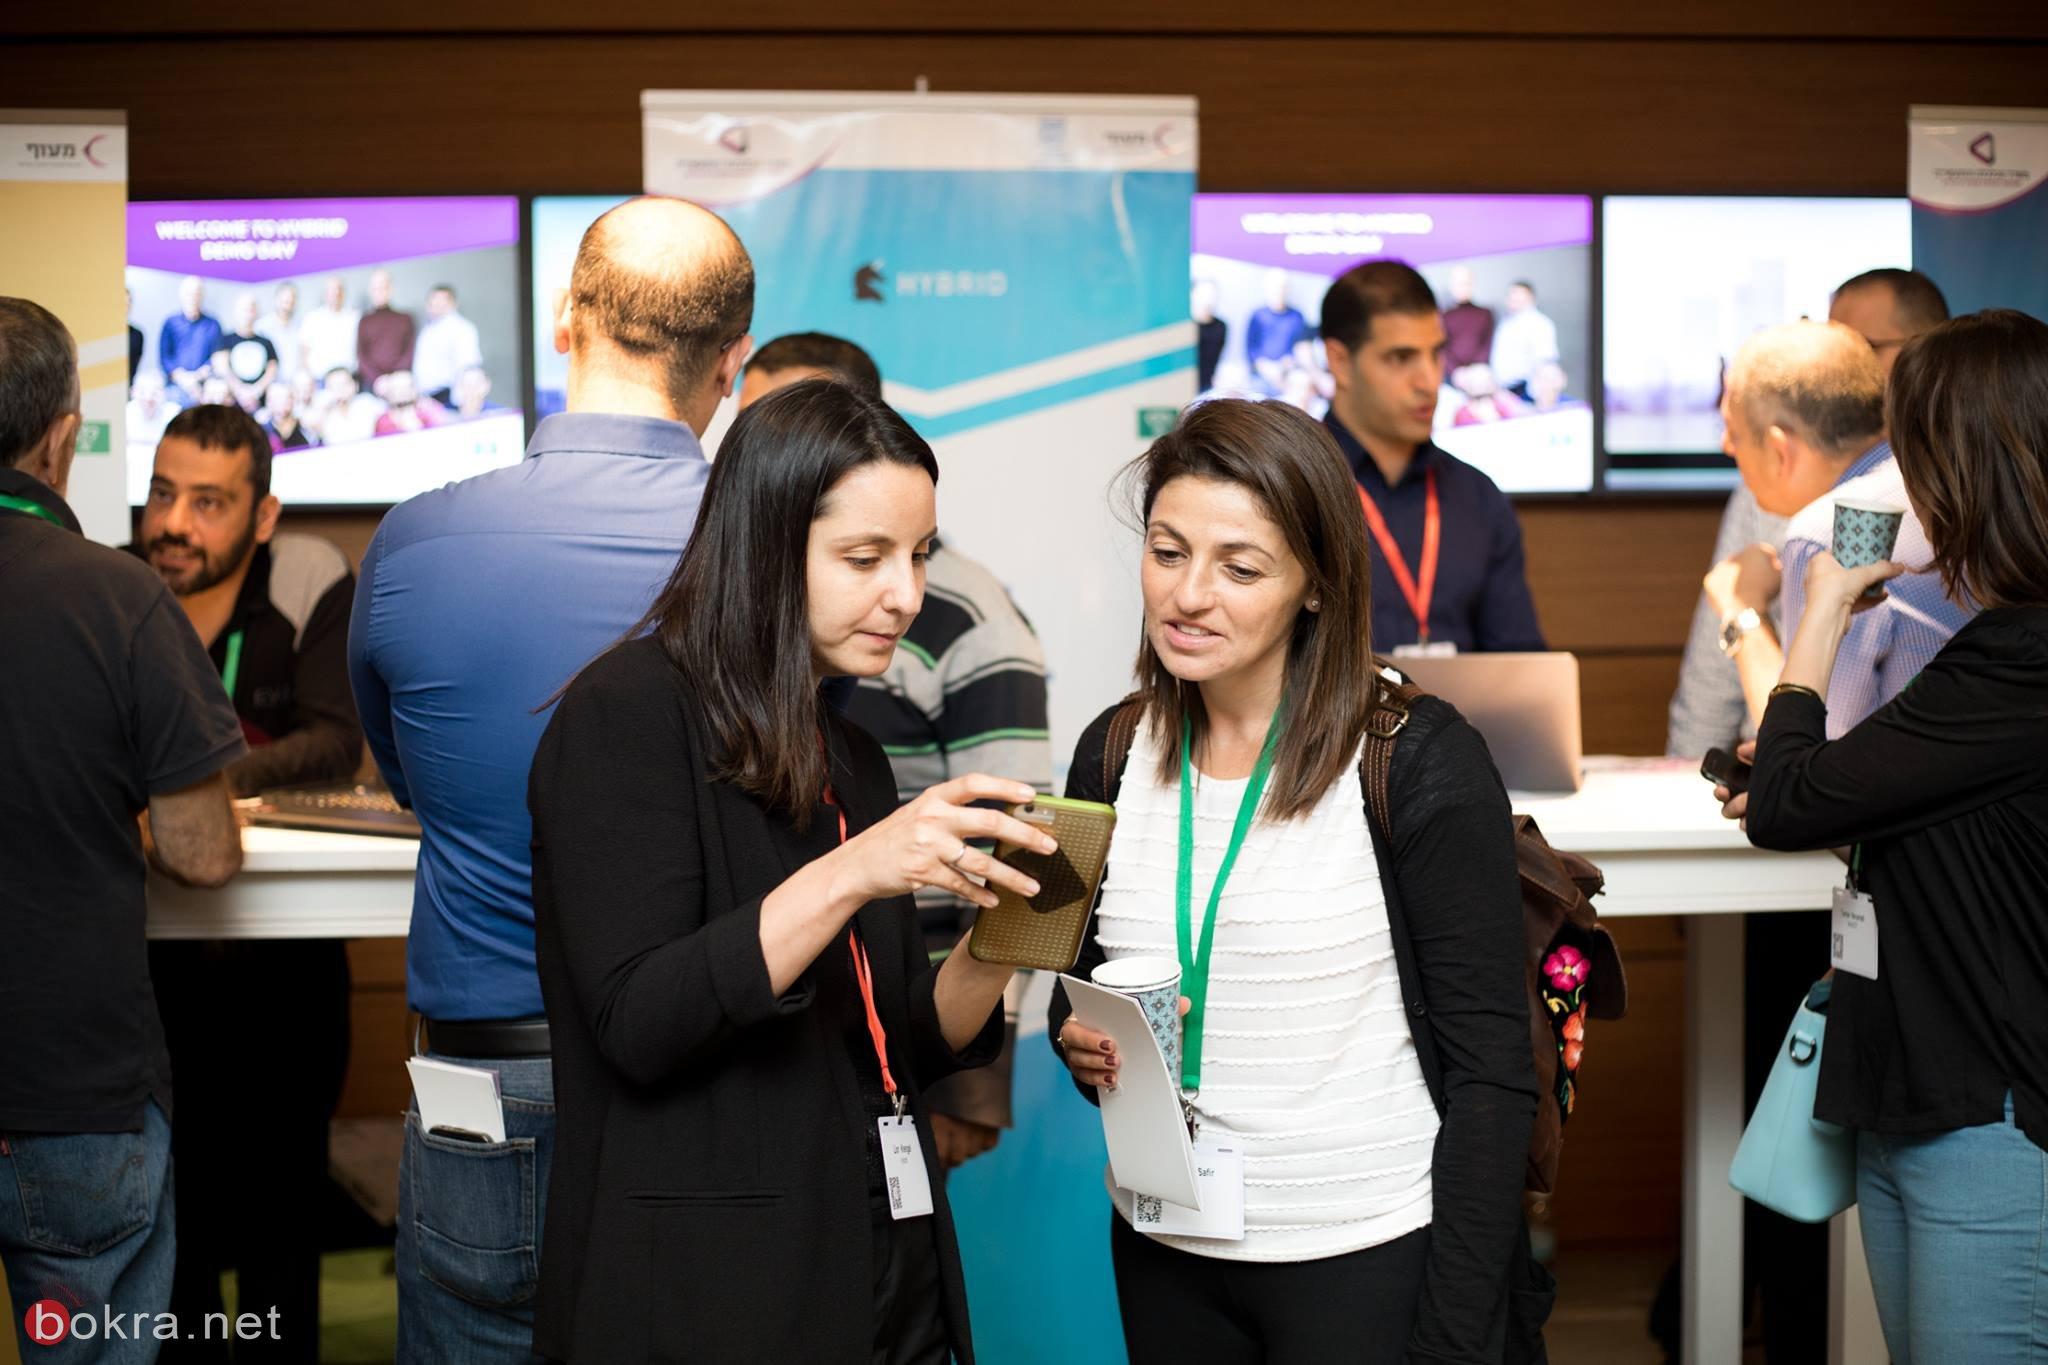 مؤتمر هايبرد للمصالح العربية واليهودية يستقطب اهتمام المستثمرين!